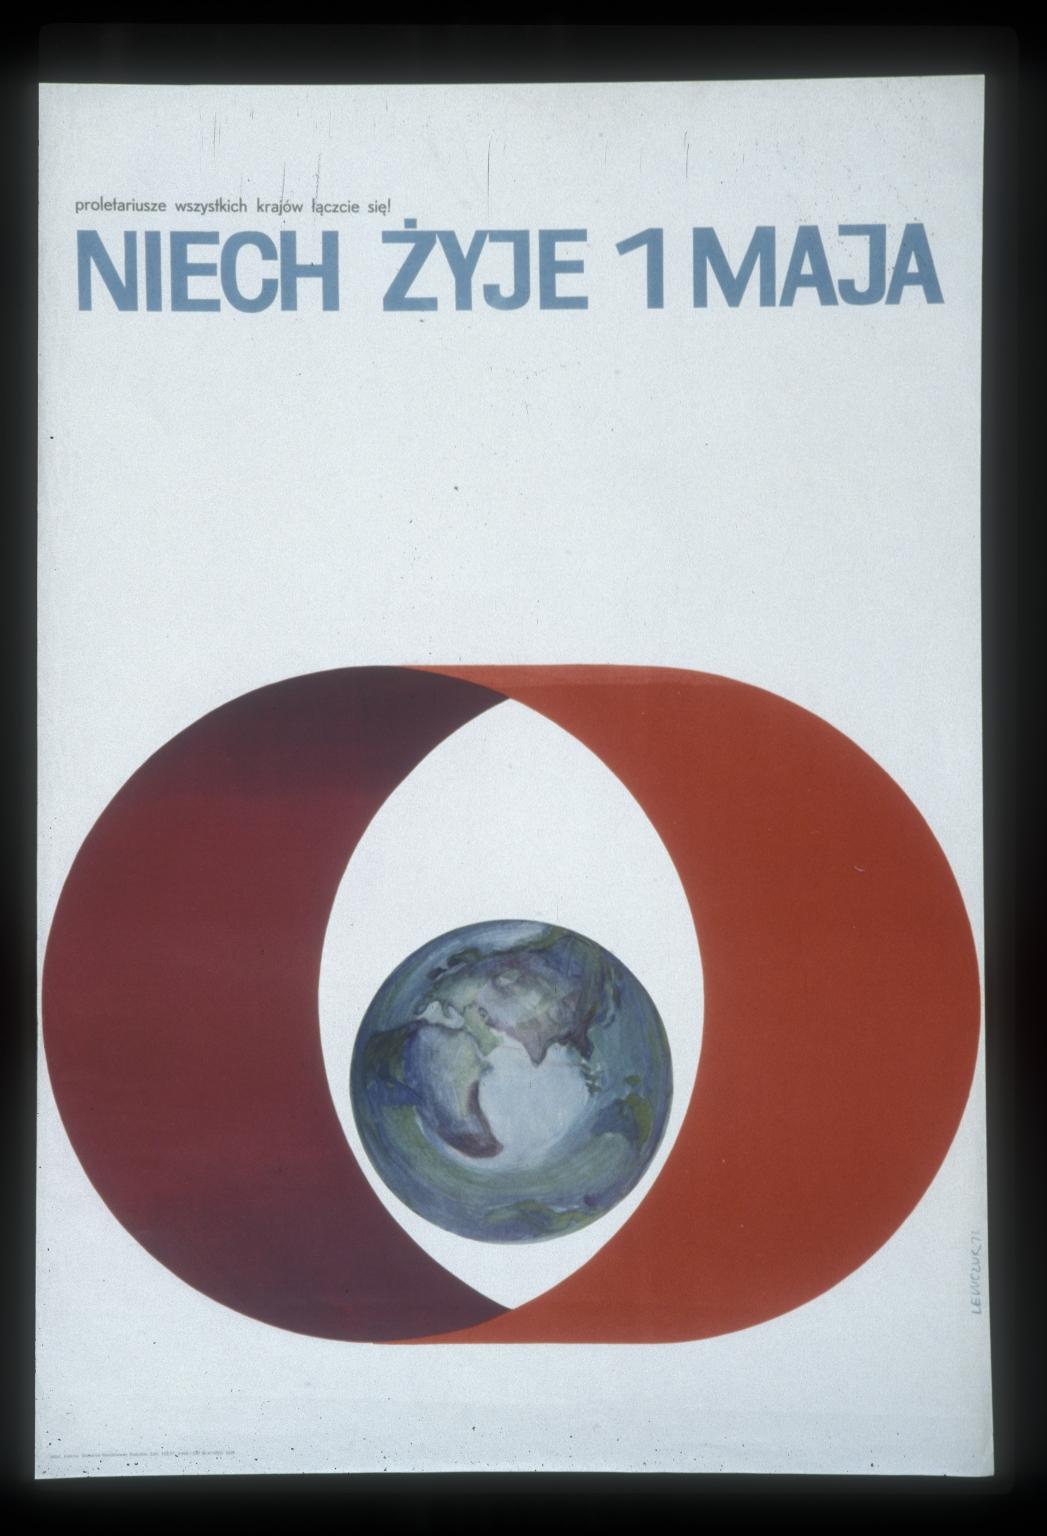 Niech zyje 1 maja: proletariusze wszystkich krajow laczcie sie!